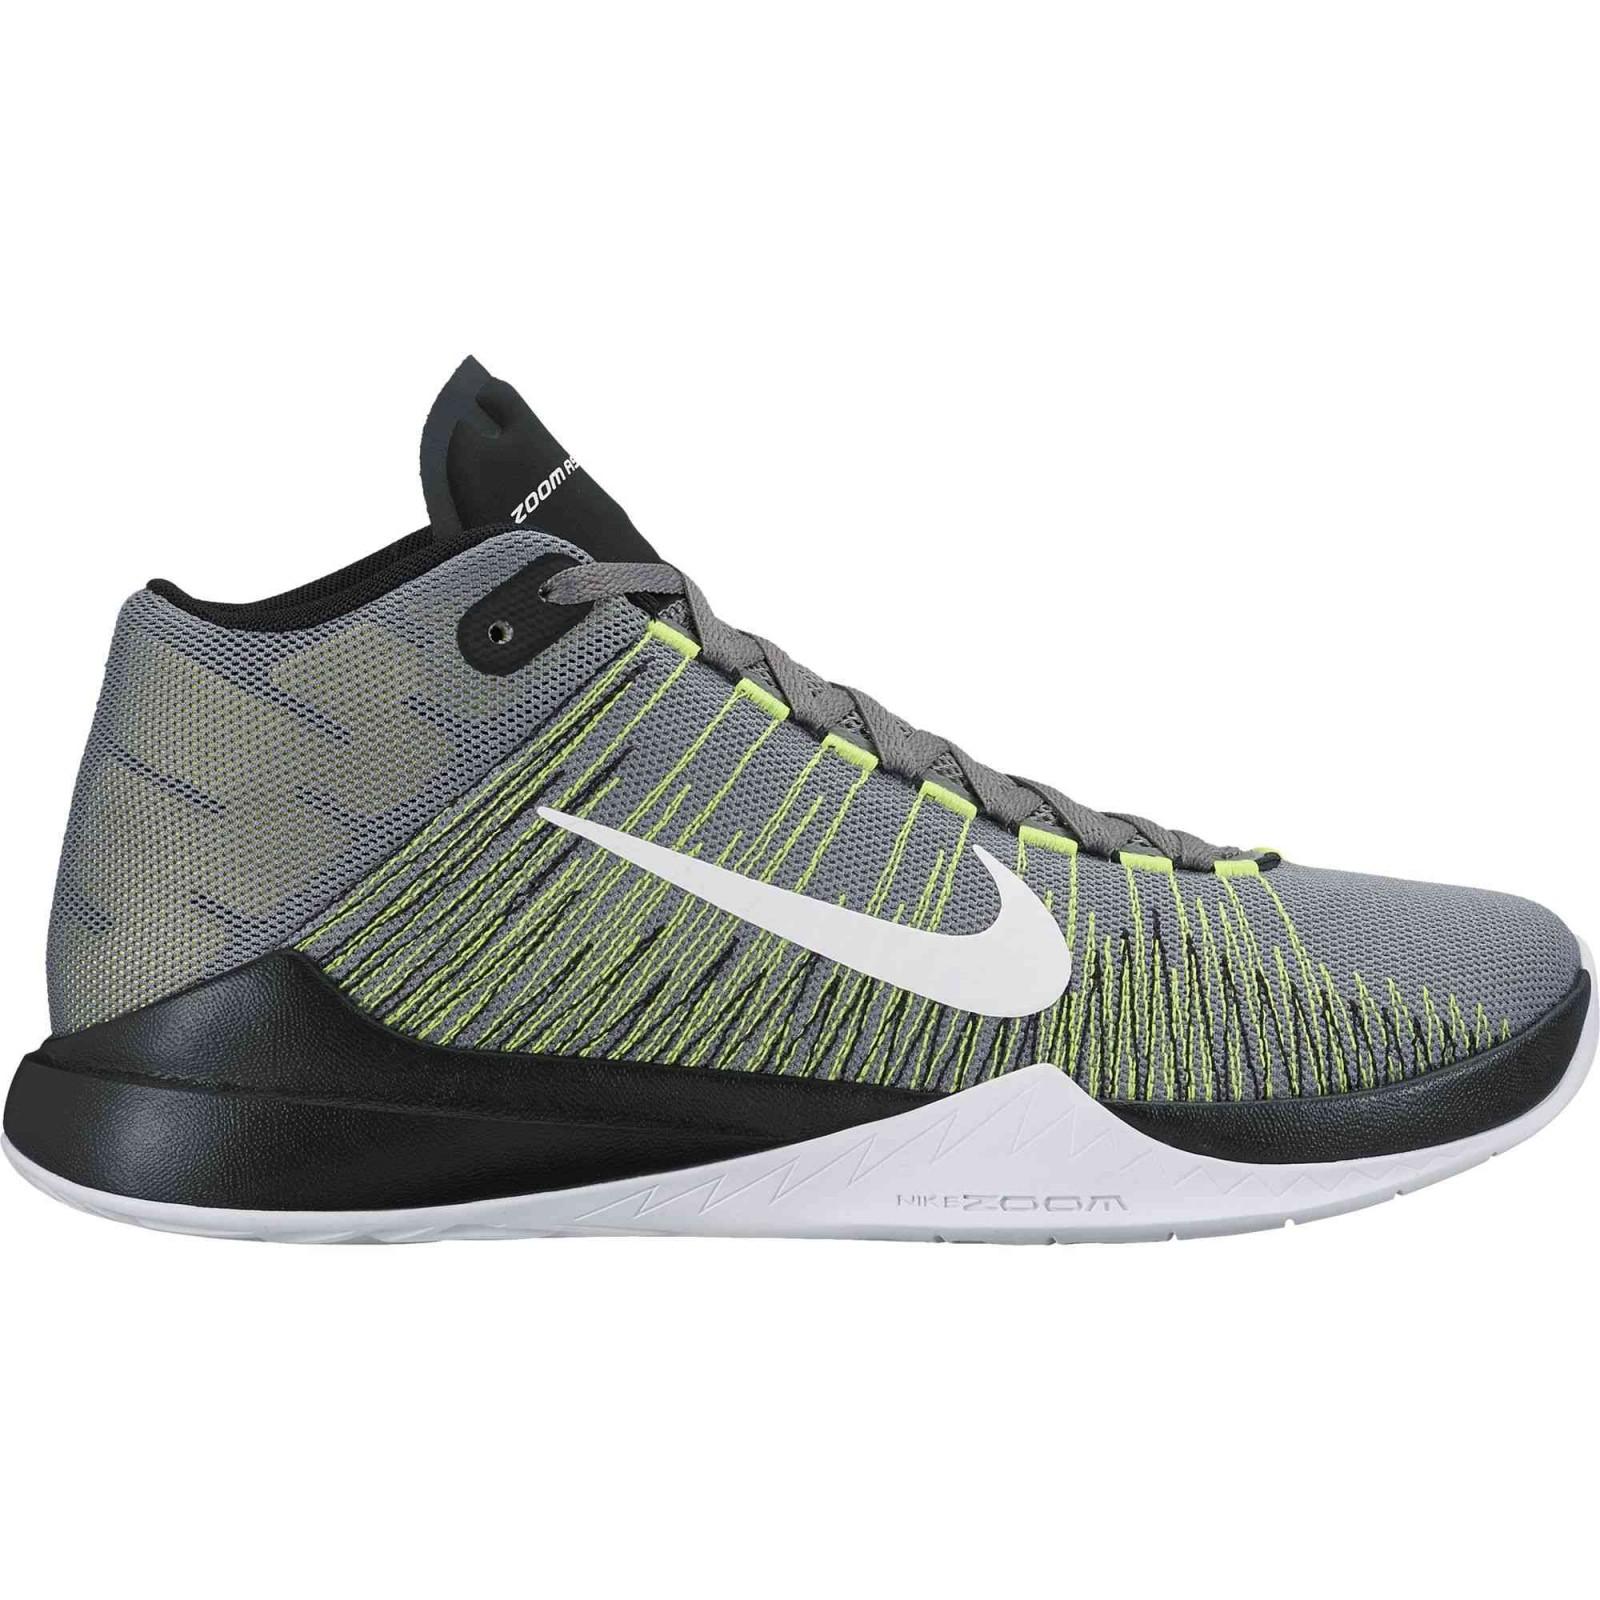 Pánské basketbalové boty Nike Zoom Ascention šedo-zelené  a76257efcb